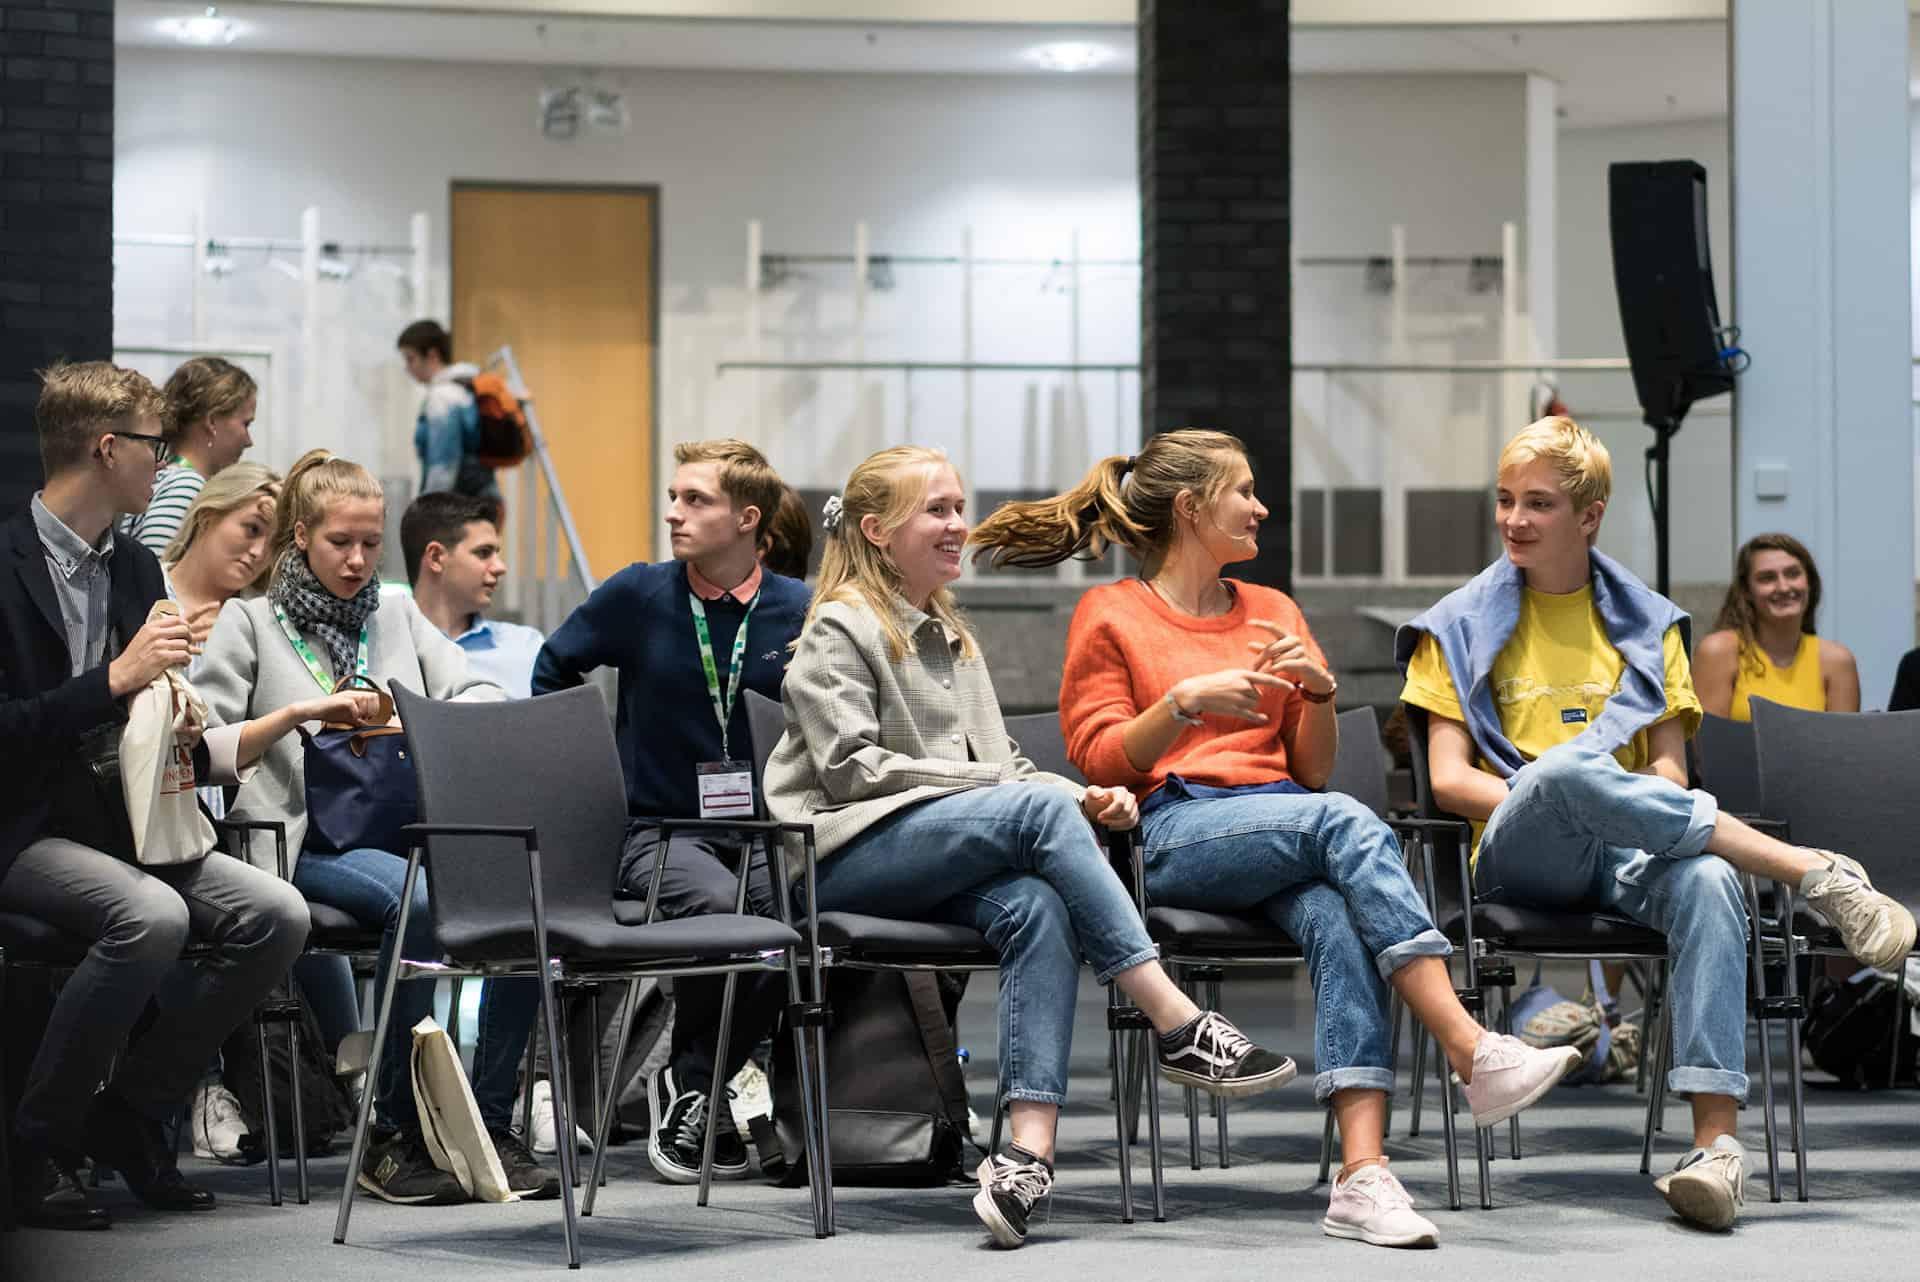 Jugendliche sitzen auf Stühlen